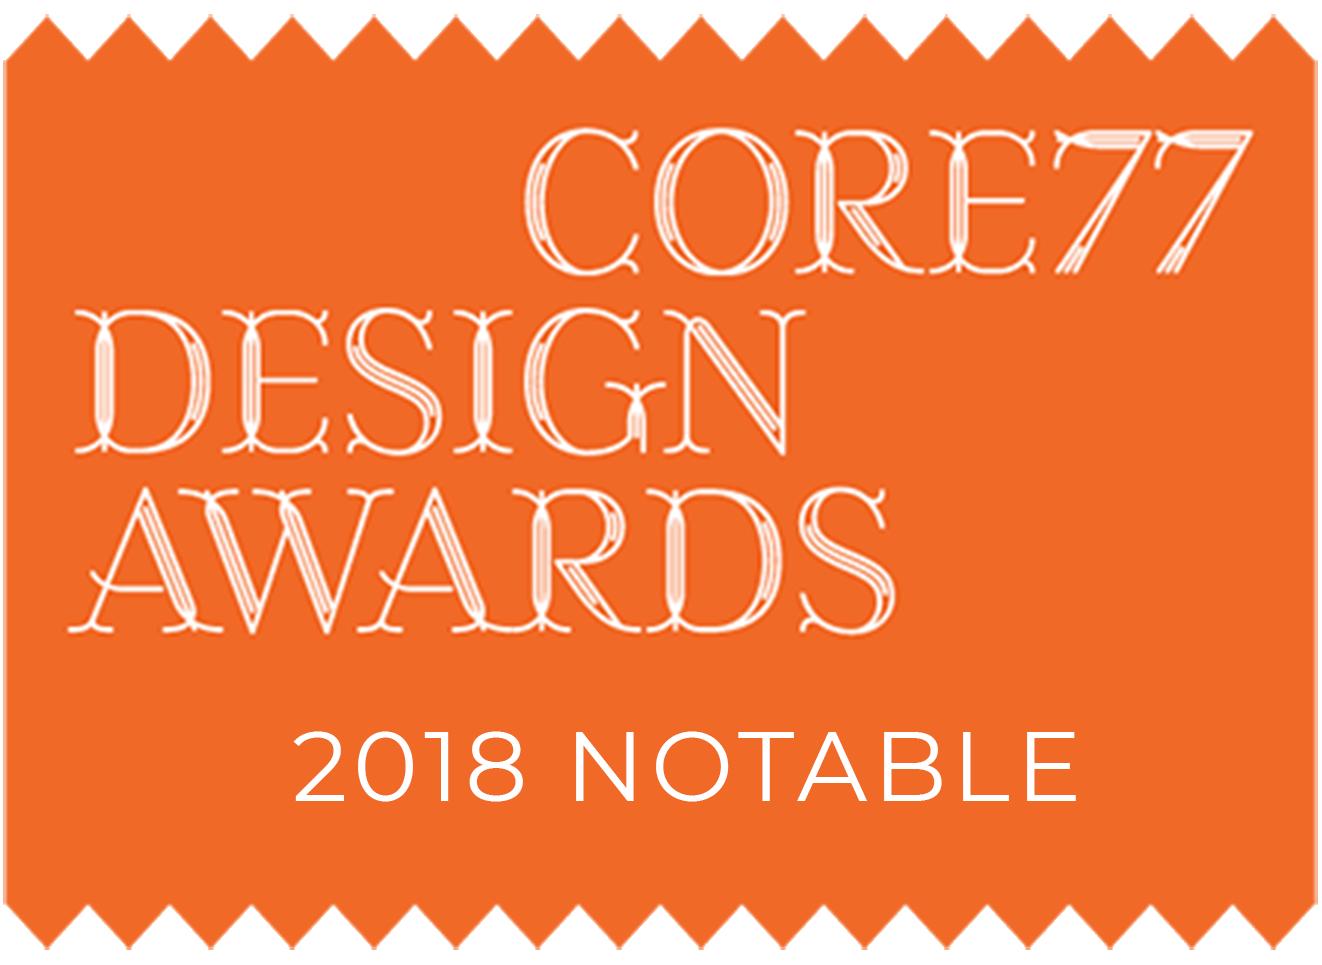 Core77 Design Awards 2018 Notable